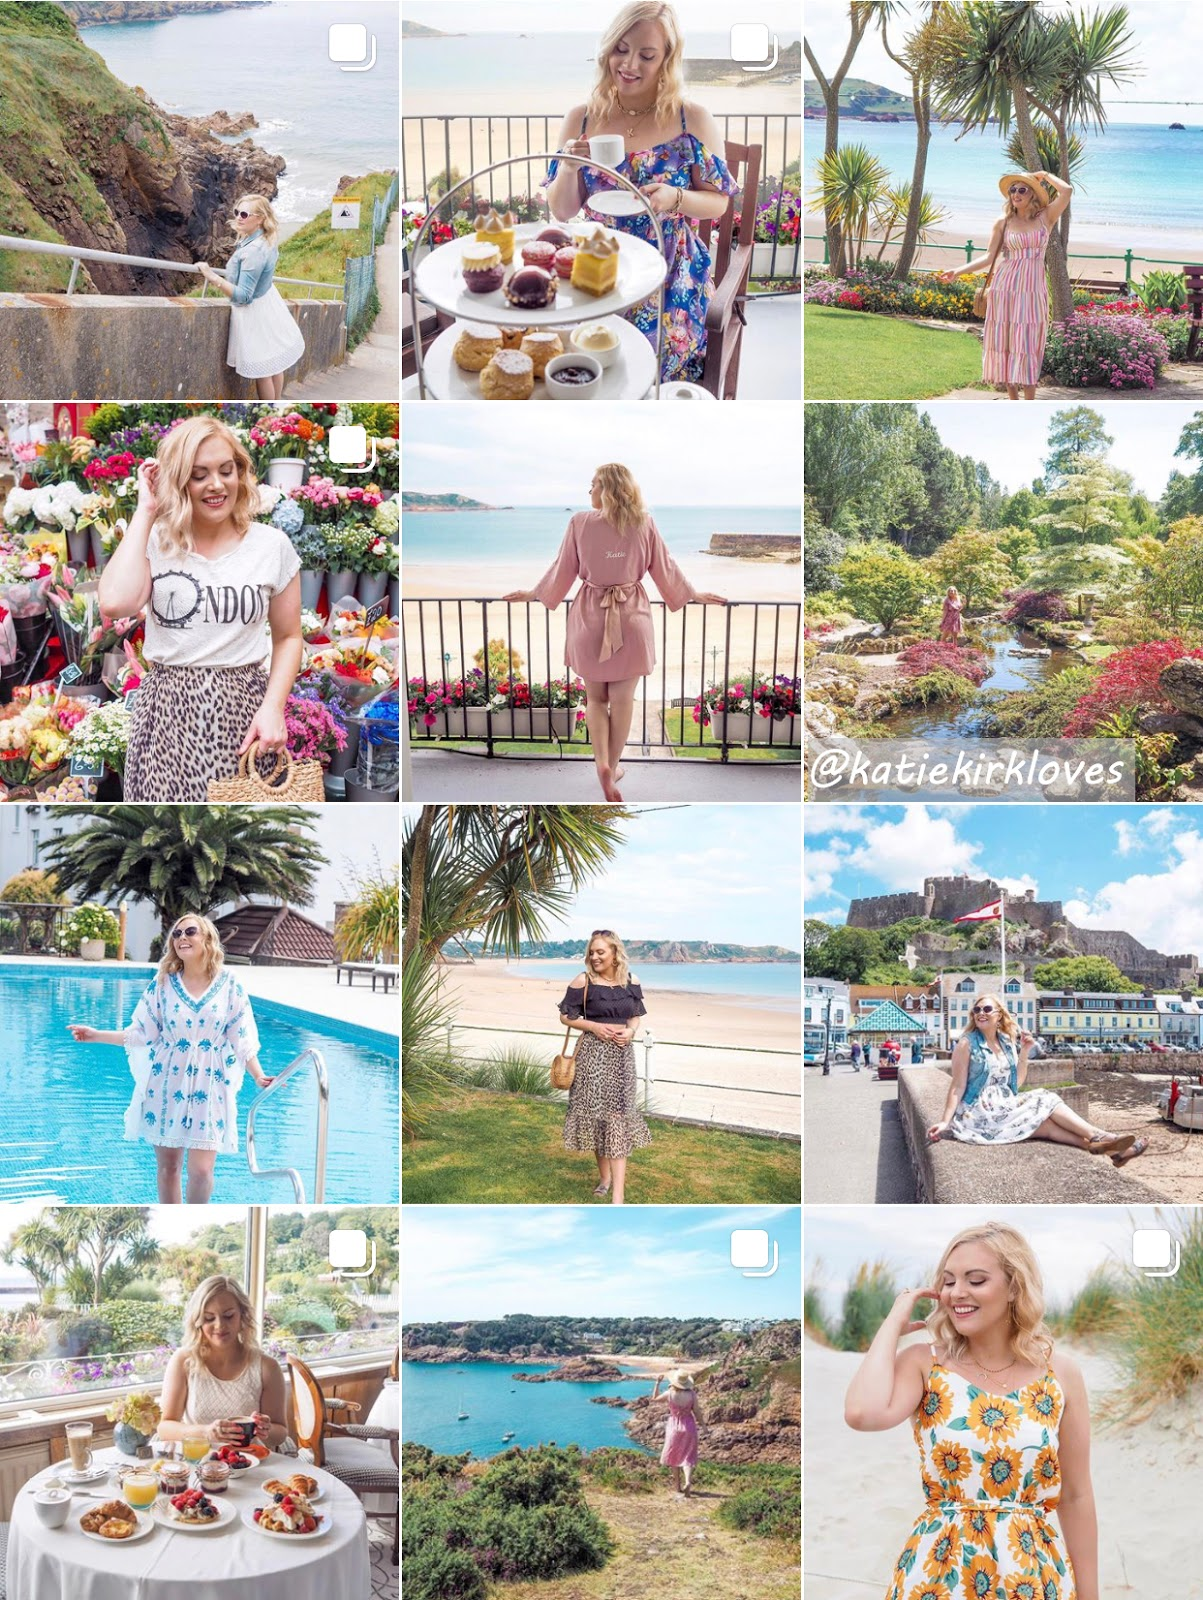 How I Plan My Instagram Themes, Katie Kirk Loves, UK Blogger, Instagram, Instagram Tips, Instagram Content, Instagram Theme, Instagram Influencer, Instagram Aesthetic, Photography, UK Fashion Blogger, UK Beauty Blogger, UK Lifestyle Blogger